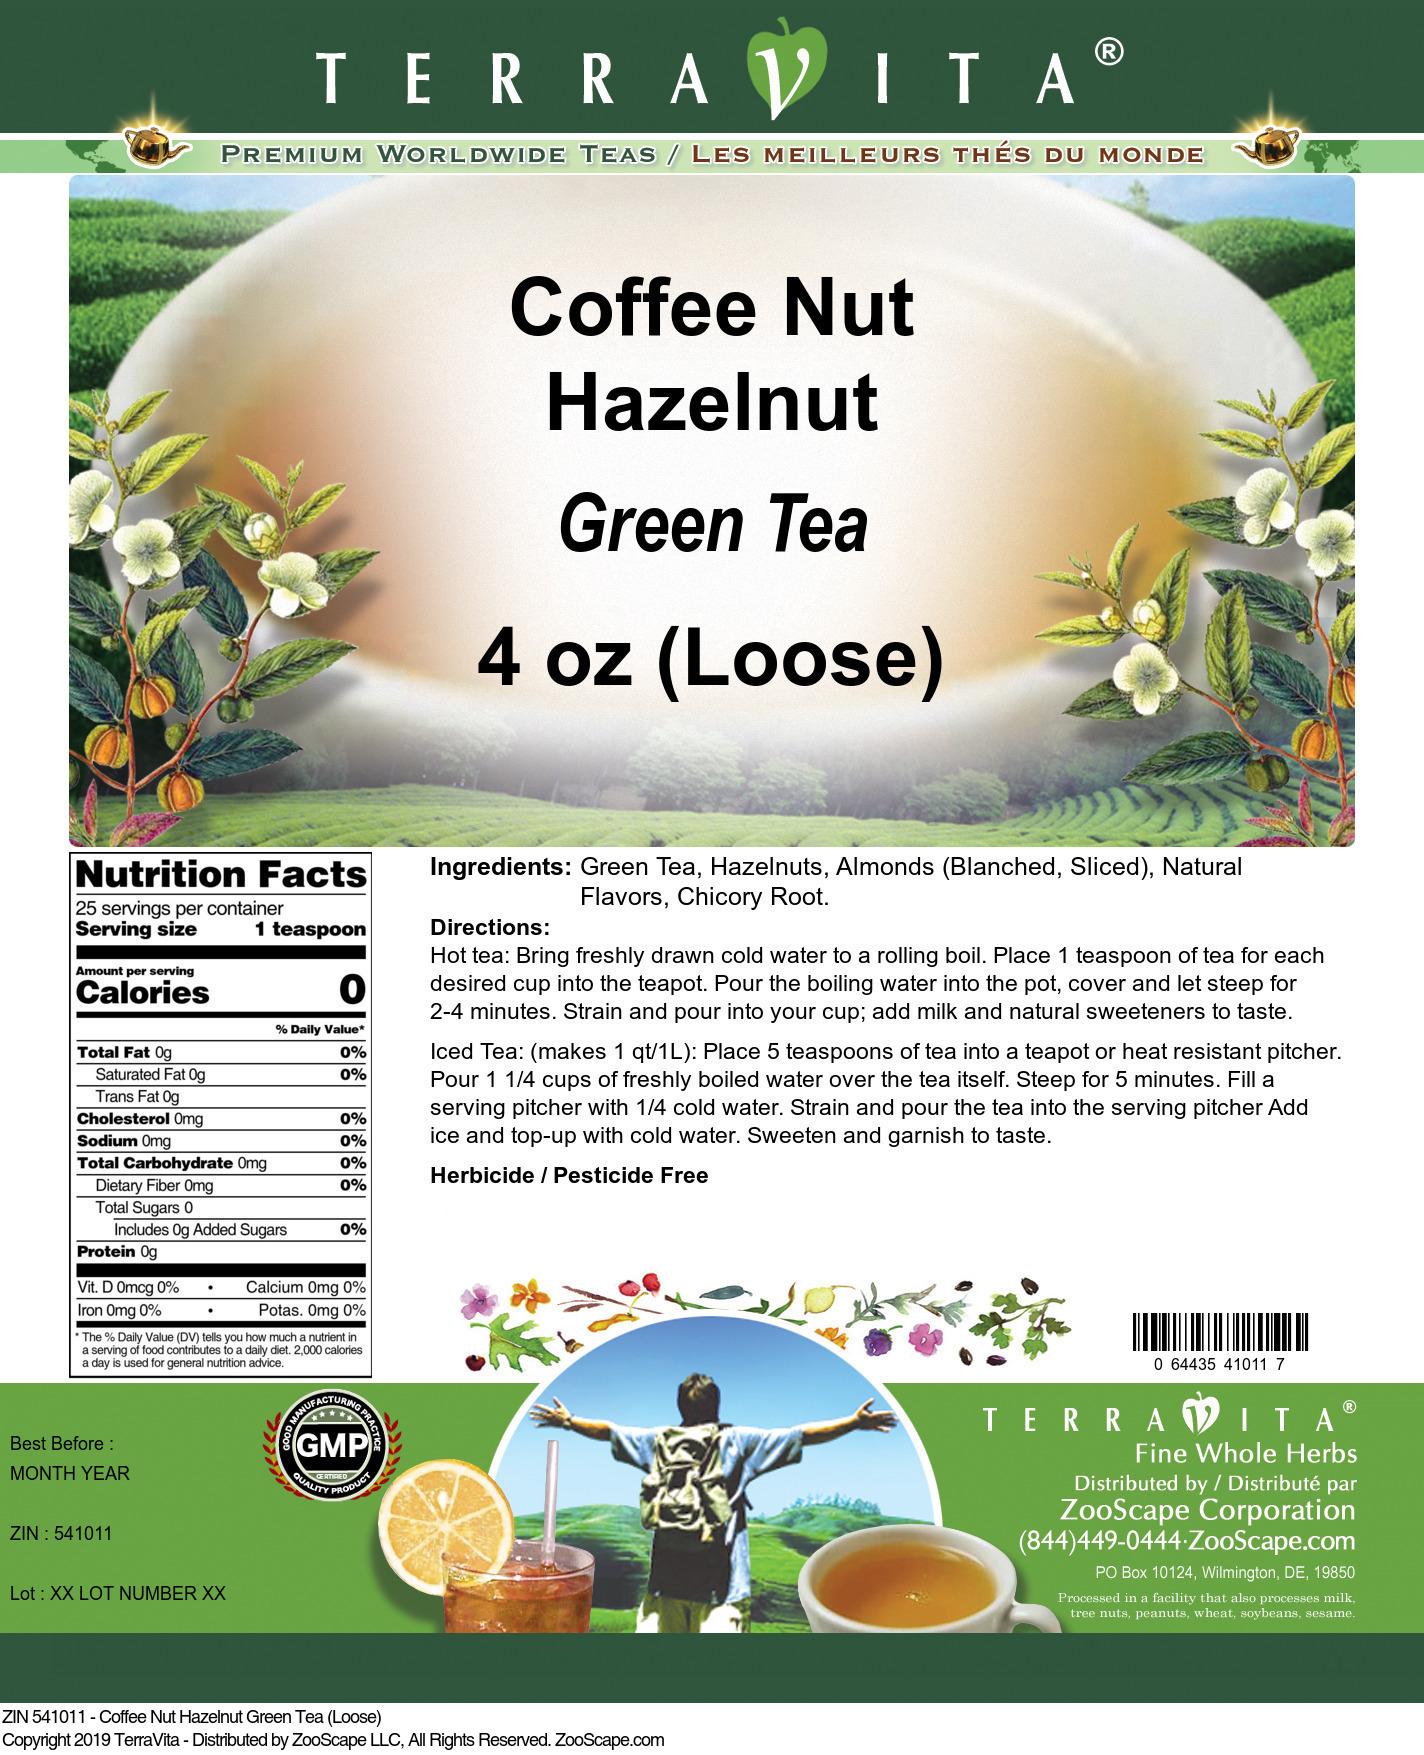 Coffee Nut Hazelnut Green Tea (Loose)